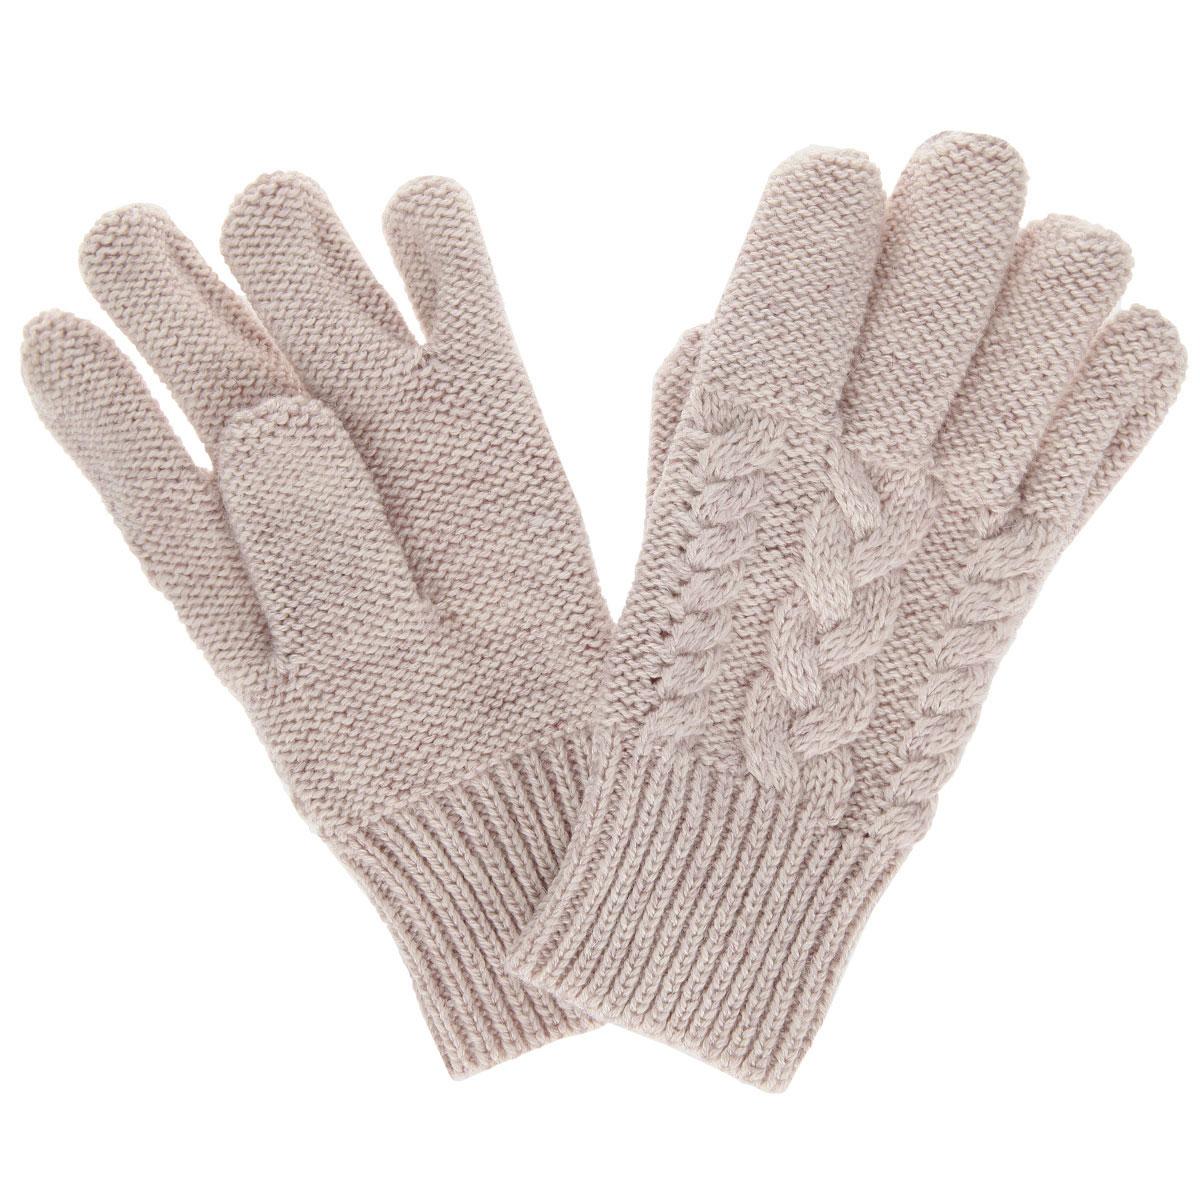 Перчатки для девочки. GL-643/045I-5302GL-643/045I-5302Вязаные перчатки для девочки Sela идеально подойдут вашей малышке для прогулок в прохладное время года. Изготовленные из высококачественной пряжи, они необычайно мягкие и приятные на ощупь, не сковывают движения и позволяют коже дышать, не раздражают нежную кожу ребенка, обеспечивая ему наибольший комфорт, хорошо сохраняют тепло. Перчатки дополнены широкими эластичными манжетами, не стягивающими запястья и надежно фиксирующими их на ручках ребенка. Манжеты связаны резинкой. Оформлены перчатки фактурной вязкой косичка. Оригинальный дизайн и расцветка делают эти перчатки модным и стильным предметом детского гардероба. В них ваша маленькая модница будет чувствовать себя уютно и комфортно и всегда будет в центре внимания!